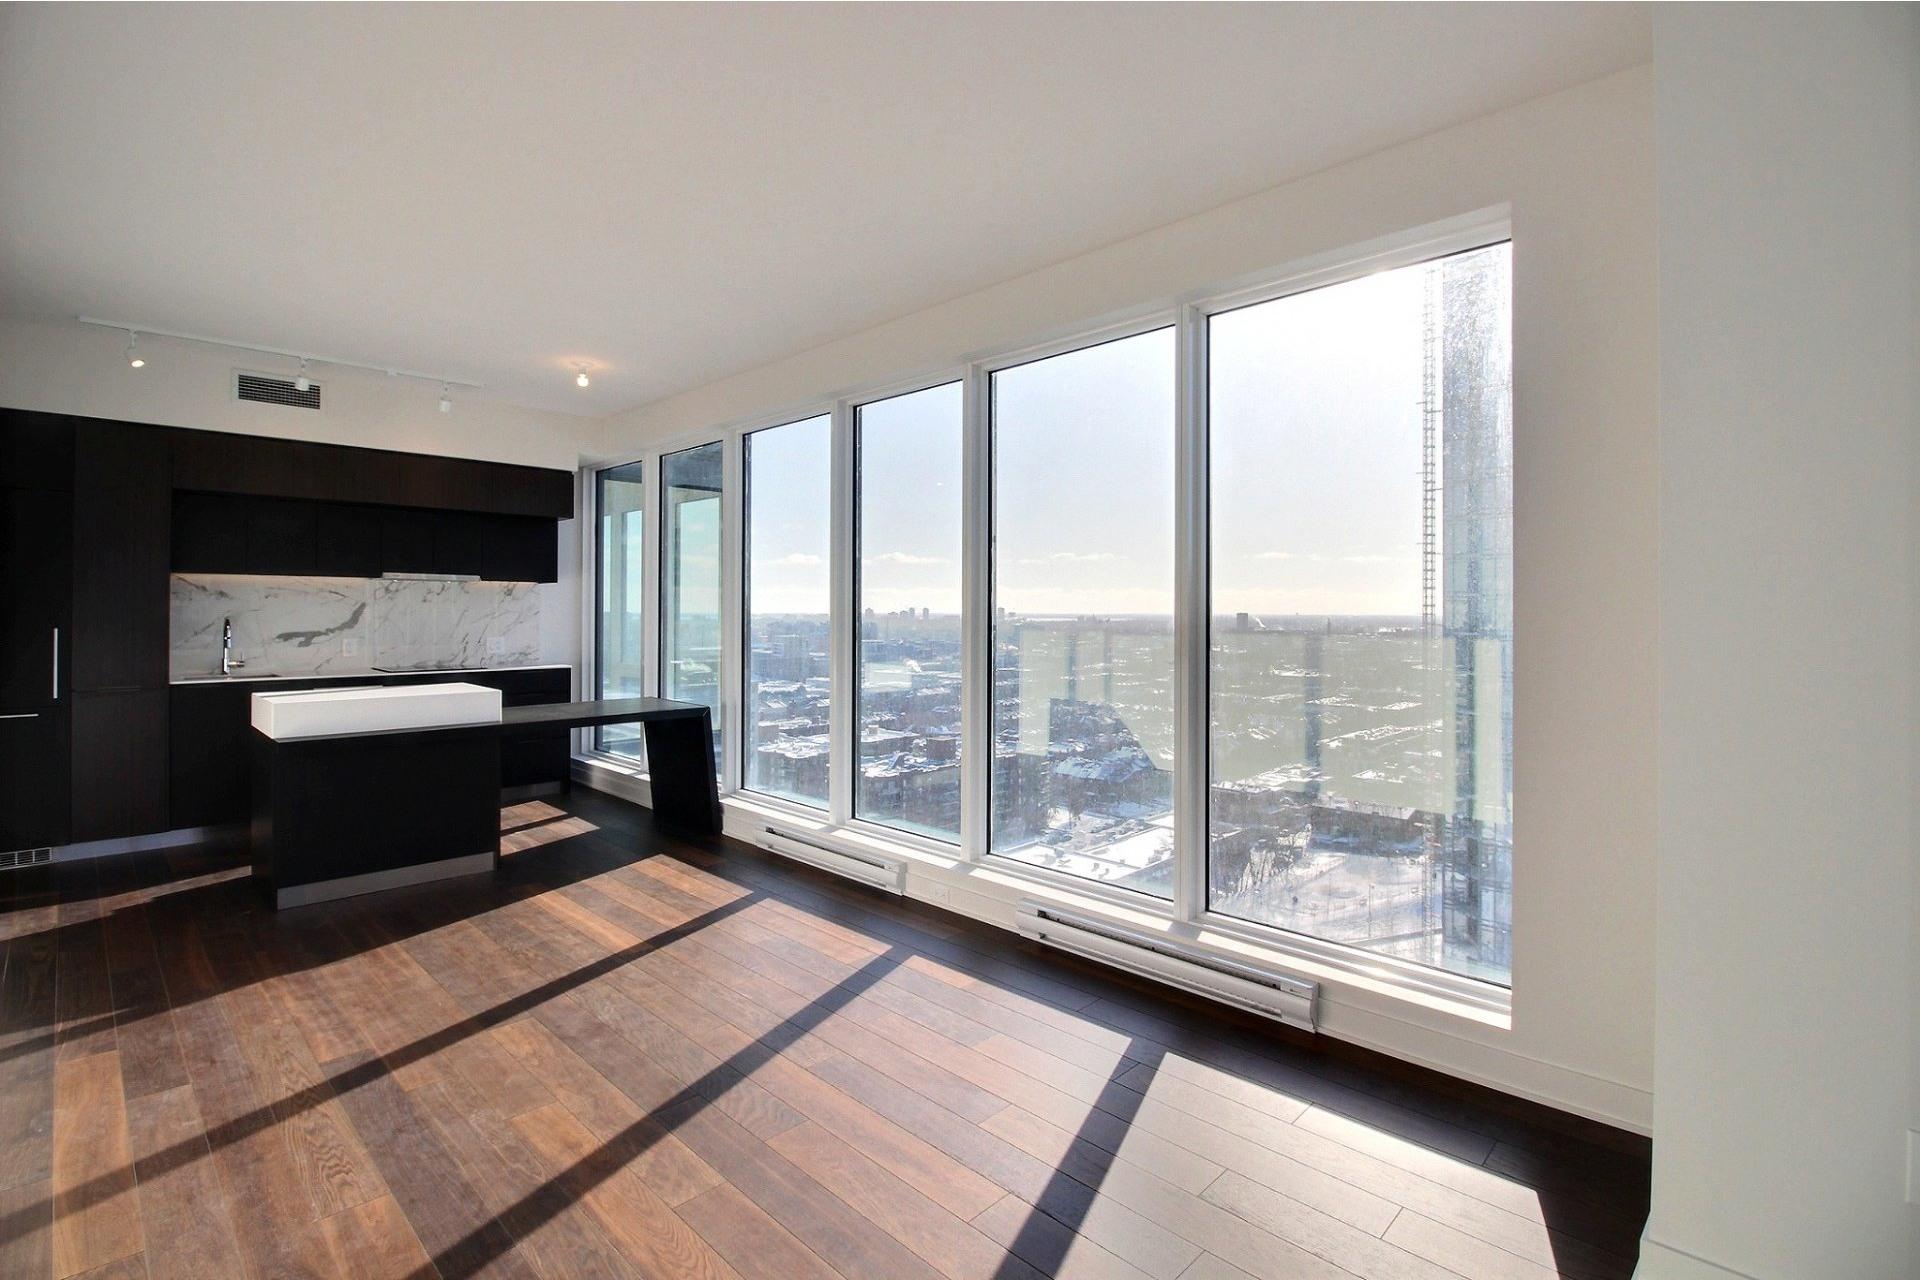 image 17 - Apartment For rent Ville-Marie Montréal  - 7 rooms